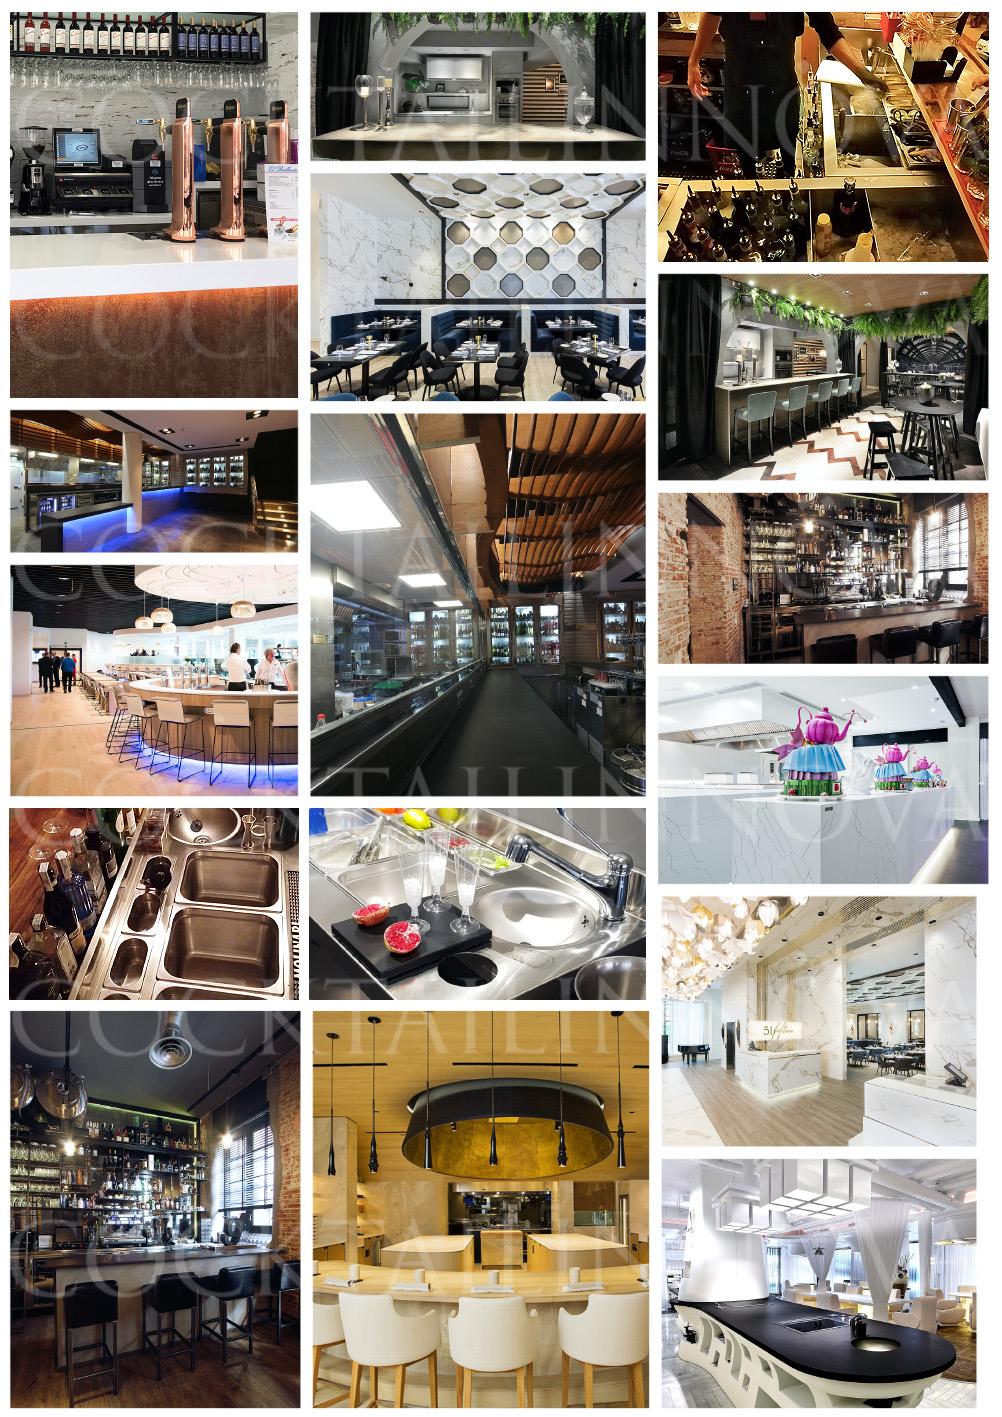 cocktailinnova-estaciones-barras-mesas-preparacion-cocteleria-cocktail-a-medida-personalizados-mobiliario-madrid-espana-fabricantes-fabricacion-instalacion-proyectos-cocteleria-lujo-premium-particulares-terrazas-restaurantes-hoteles-bares-iluminacion-led-maquinaria-accesorios-utensilios-para-barman-bartenders Cocktailinnova realiza el diseño de todo tipo de proyectos de negocios de coctelería cocktail en España y Portugal. Nuestros consultores especializados en negocios o empresas dedicadas a la coctelería lleva a cabo la implementación de barras con estaciones de coctelería cocktail y mesas de preparación para negocios del sector de coctel. En definitiva, disponemos de un servicio integral para realización de barras de coctelería y cocktail en restaurantes, discotecas, terrazas, pubs, hoteles, etc. Y para ello, disponemos de fábrica propia dónde podremos desarrollar y fabricar cualquier tipo de mobiliario accesorios maquinaria menaje y útiles utensilios necesarios en la coctelería cocktail cóctel. Por último, también desarrollamos proyectos de coctelería en casas particulares chalets y terrazas con mobiliario barras estaciones o mesas de preparación o carros de coctelería en acero inoxidable con iluminación led y otros tipos de materiales premium de lujo luxury. Somos profesionales de la coctelería. Consúltenos. Trabajamos en toda España, ya sea en la comunidad de madrid, castilla la mancha, castilla y león, comunidad valenciana, galicia, asturias, canarias, baleares, cantabria, país vasco, cataluña, aragón, la rioja, navarra, andalucía, extremadura, región de murcia, ceuta, melilla, baleares, canarias y también en todas las provincias españolas y capitales de provincia como pueden ser madrid, barcelona, valencia, castellón, alicante, zaragoza, toledo, avila, salamanca, león, zamora, teruel, soria, cáceres, badajoz, málaga, almería, sevilla, córdoba, granada, huelva, cádiz, jaén, ciudad real, cuenca, alava, vizcaya, guipúzcoa, segovia, murcia, albacete, almería, bu